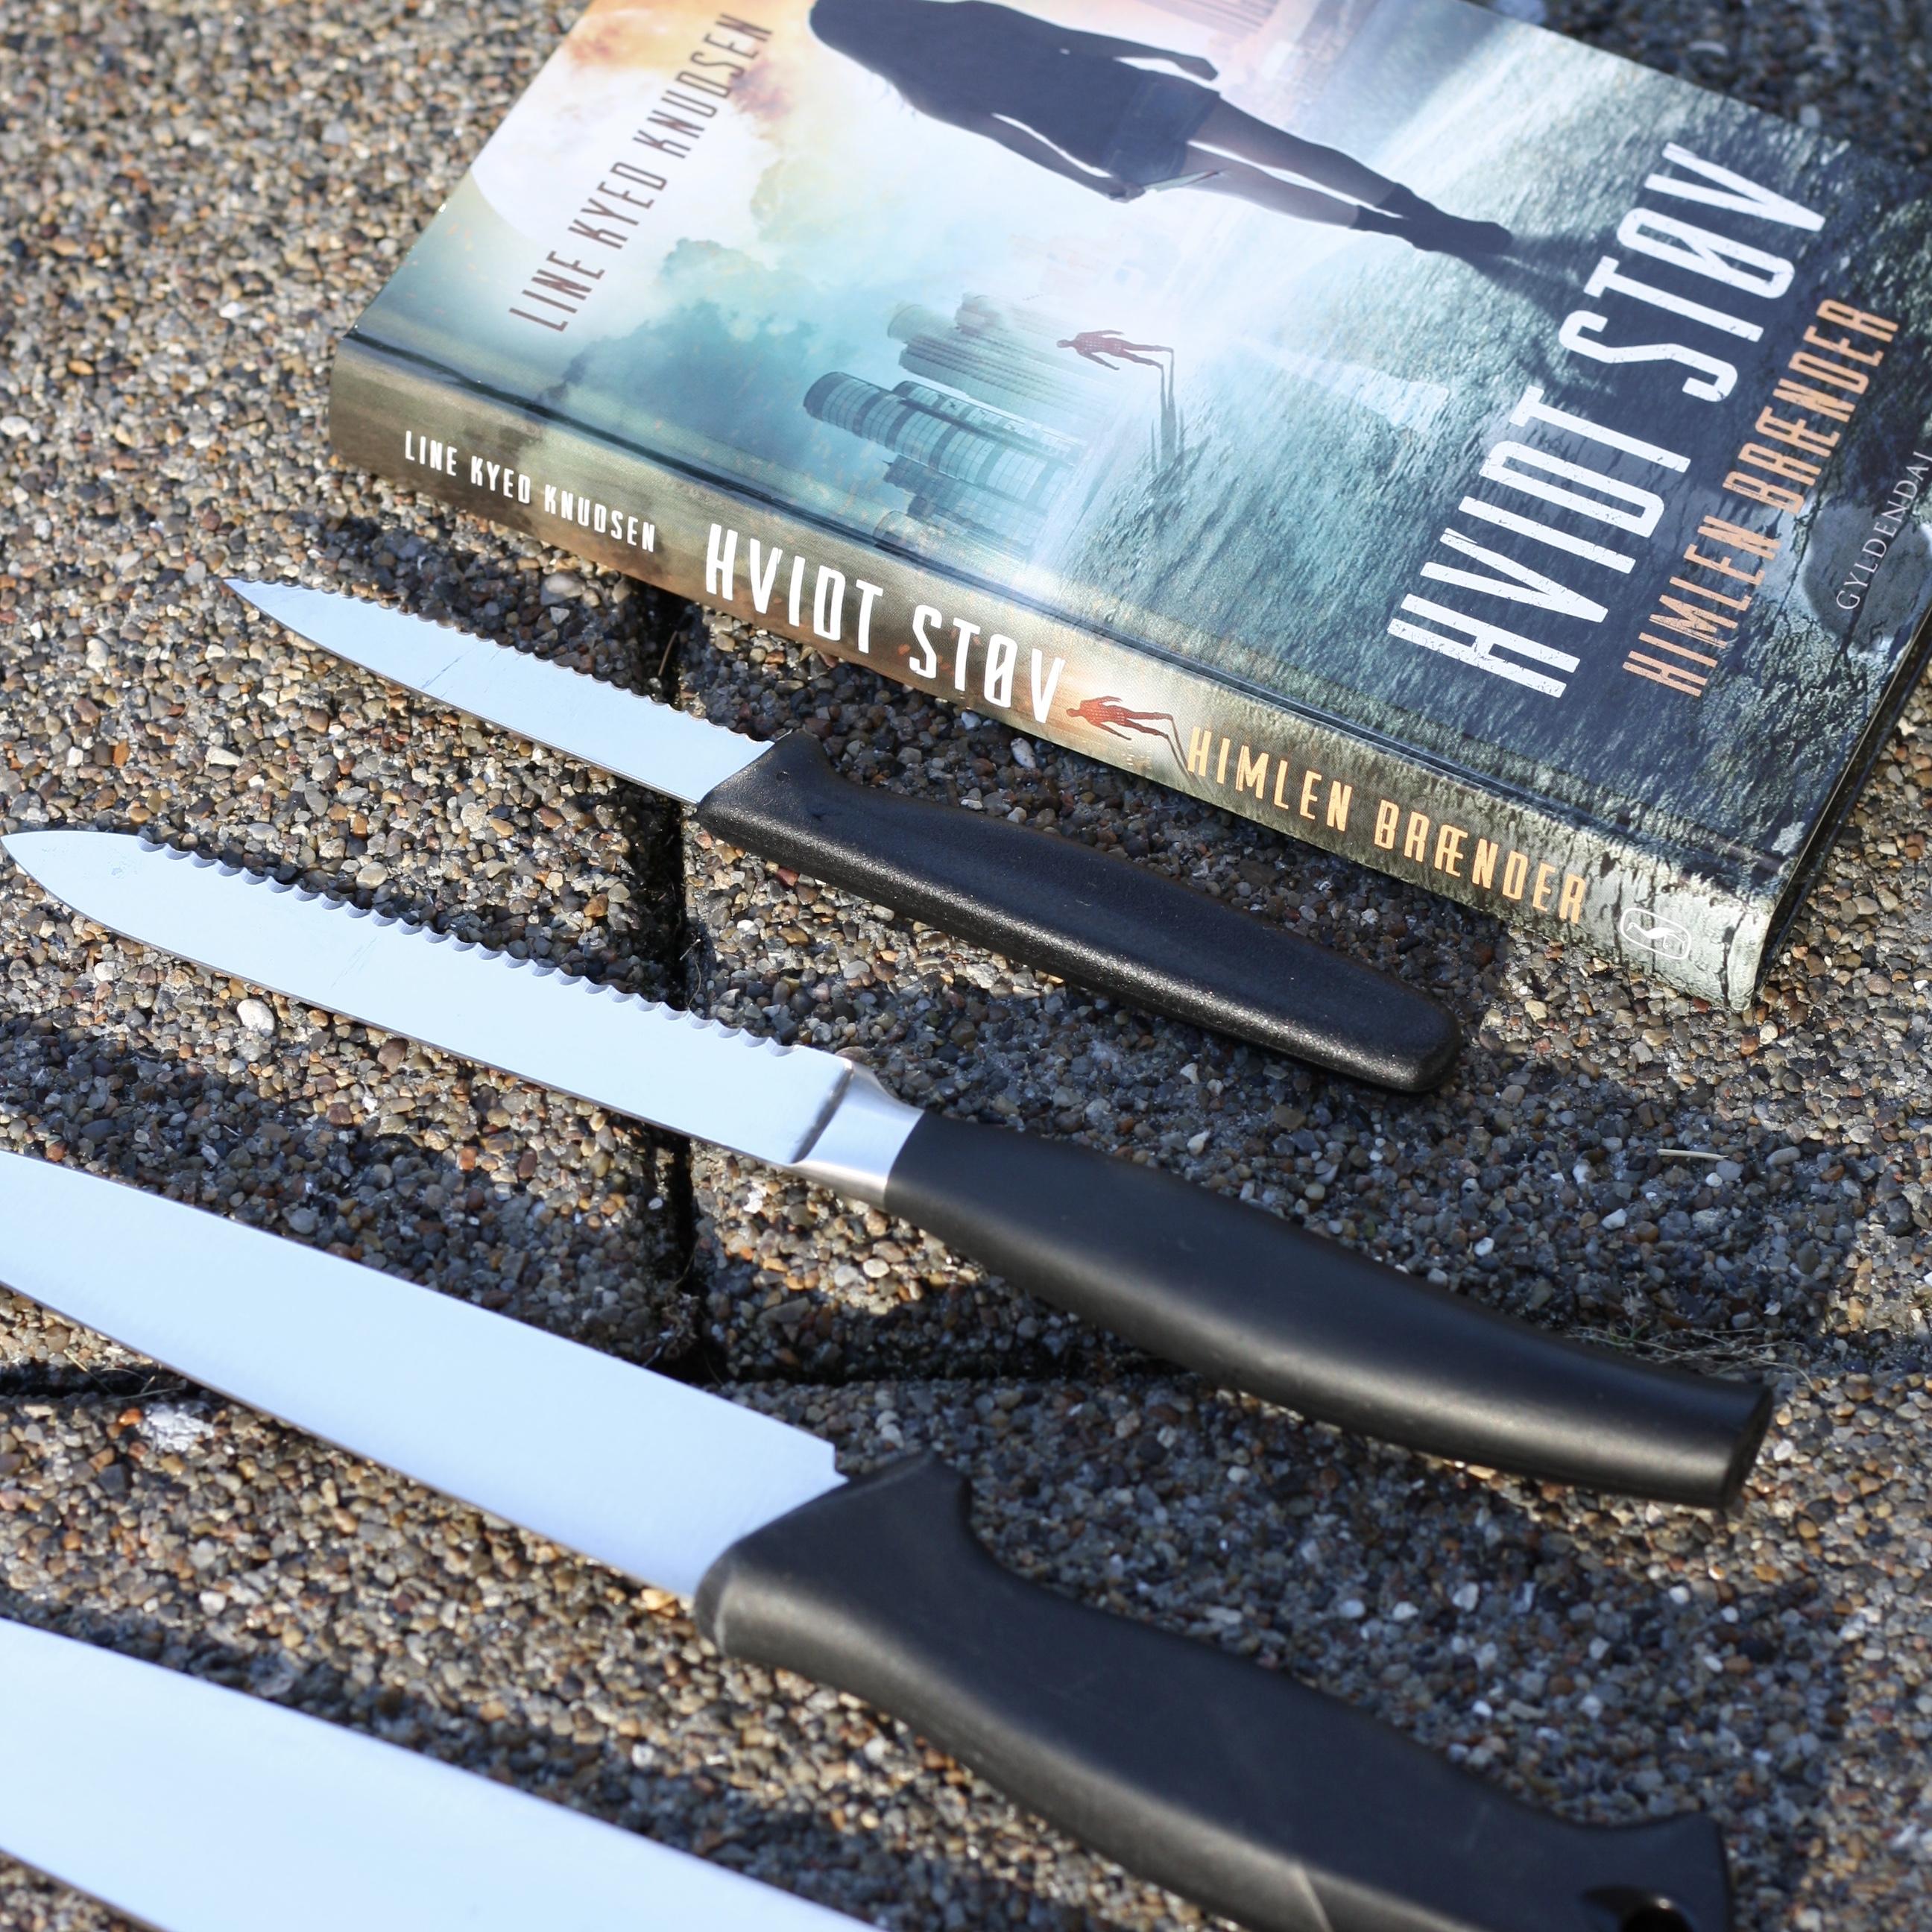 Line Kyed Knudsen, Hvidt støv 2 - Himlen brænder, bogoplevelsen